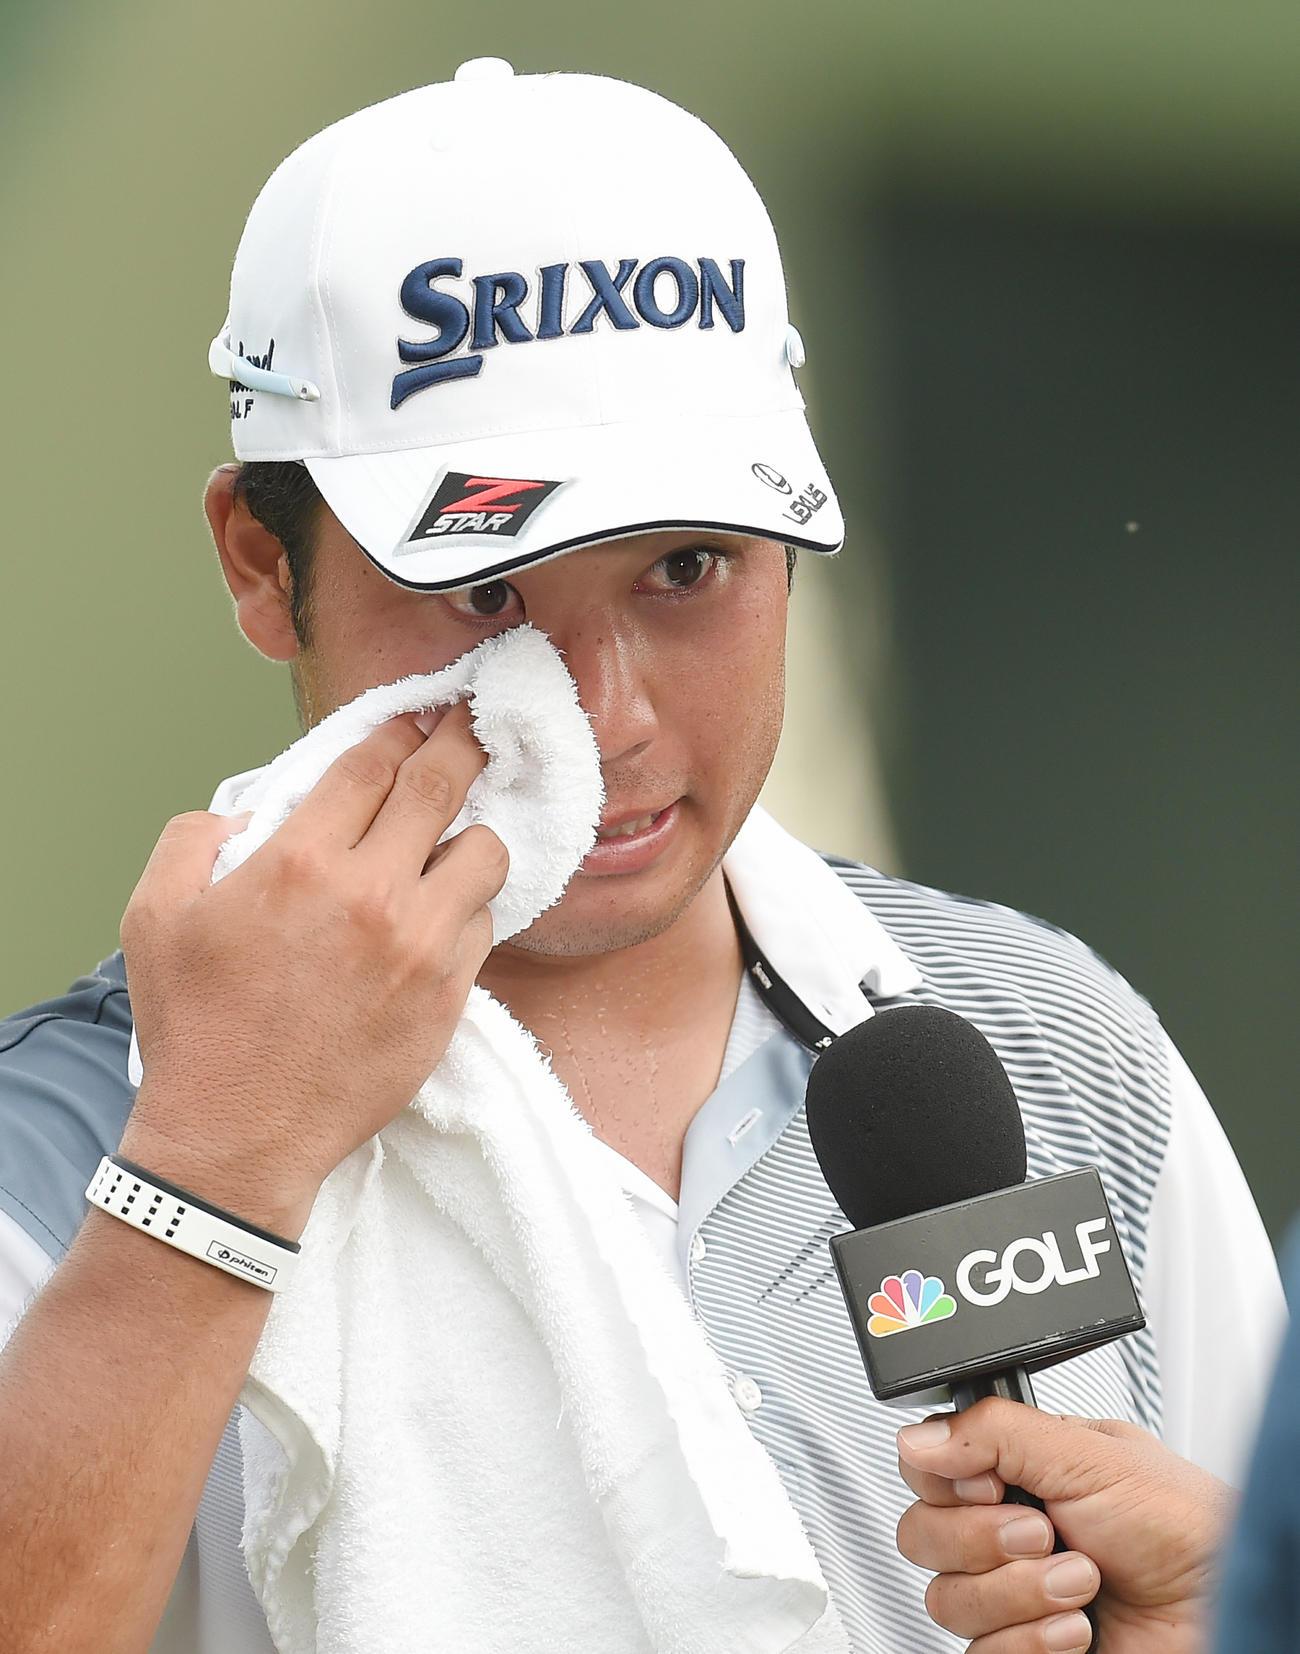 全米プロゴルフ 最終日 5位タイでホールアウトし悔し涙を流す松山英樹(2017年8月13日撮影)